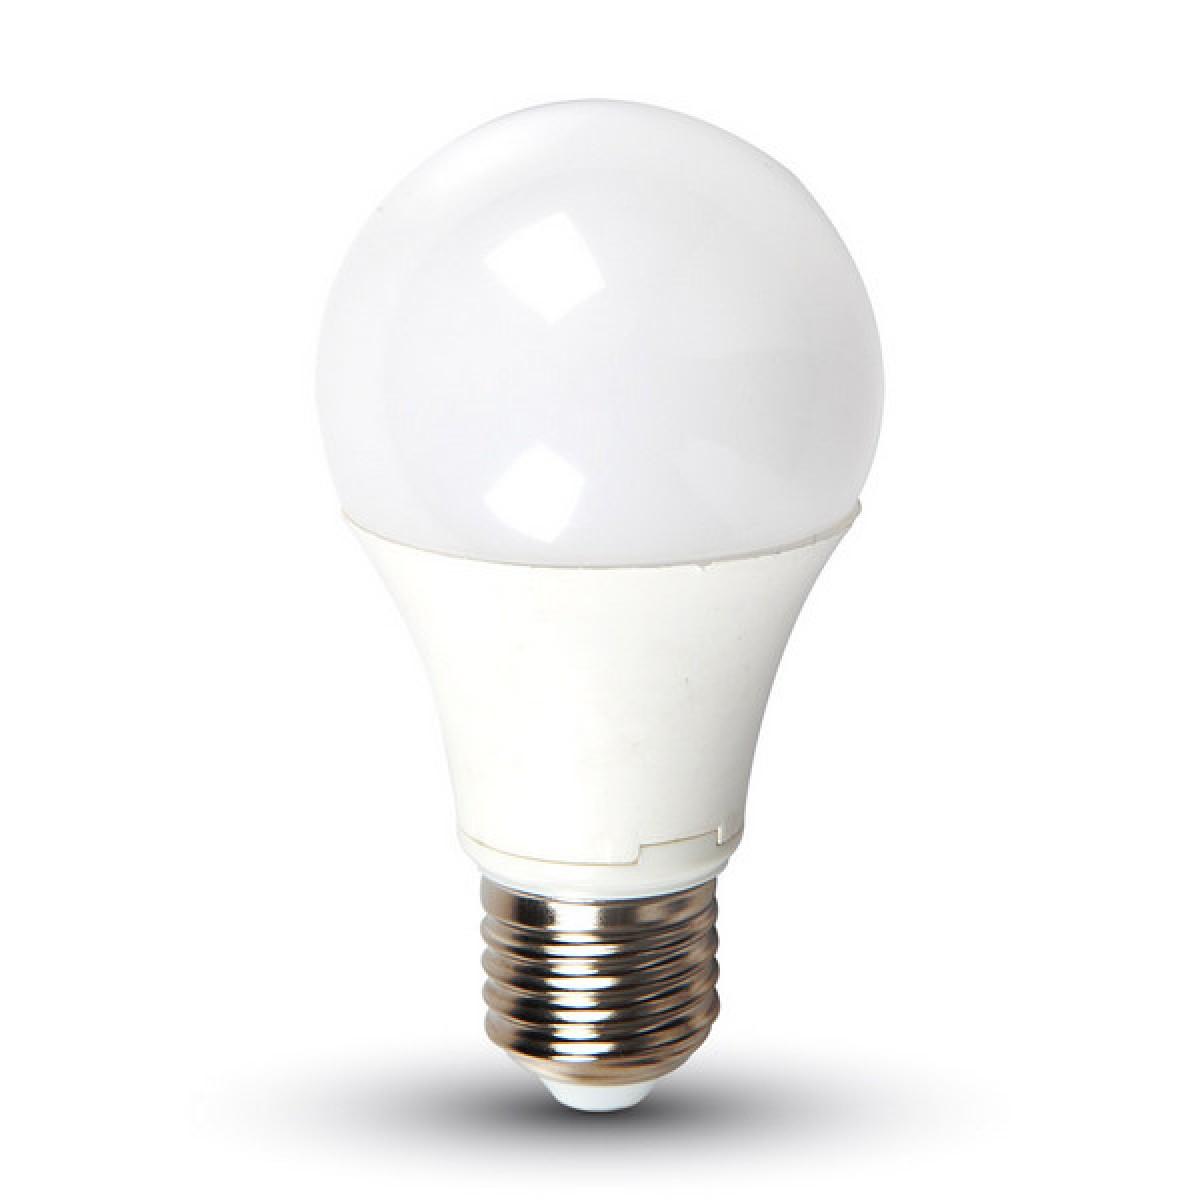 V-TAC 12W E27 A60 Thermoplastic – 4000-4500K LED izzó